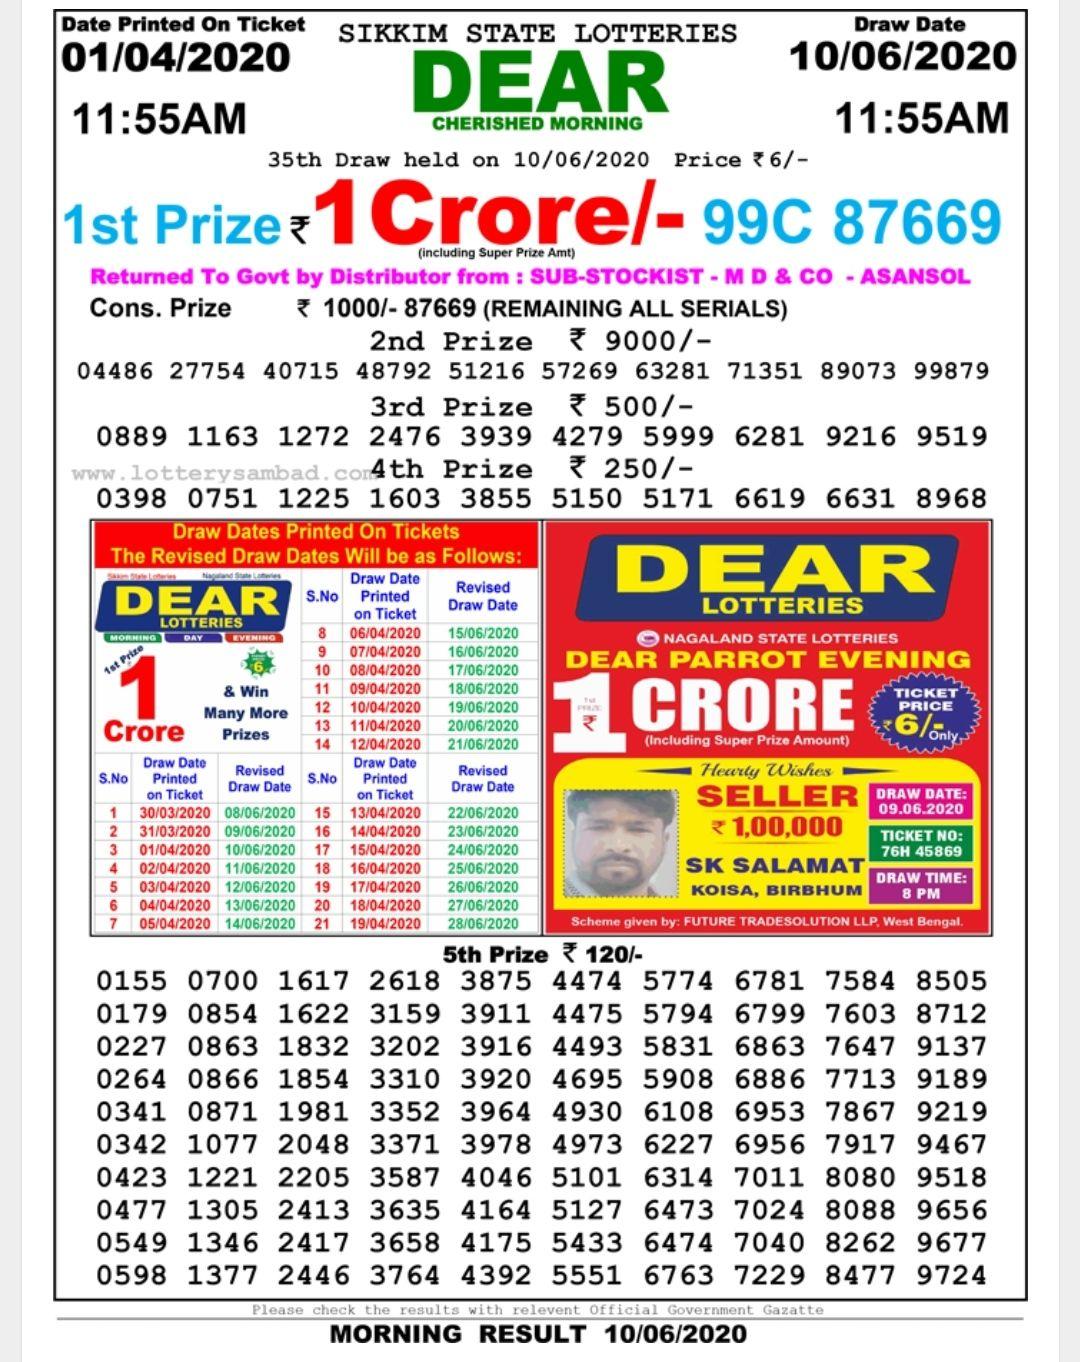 sikkim-morning-lottery-result-10-june-2020